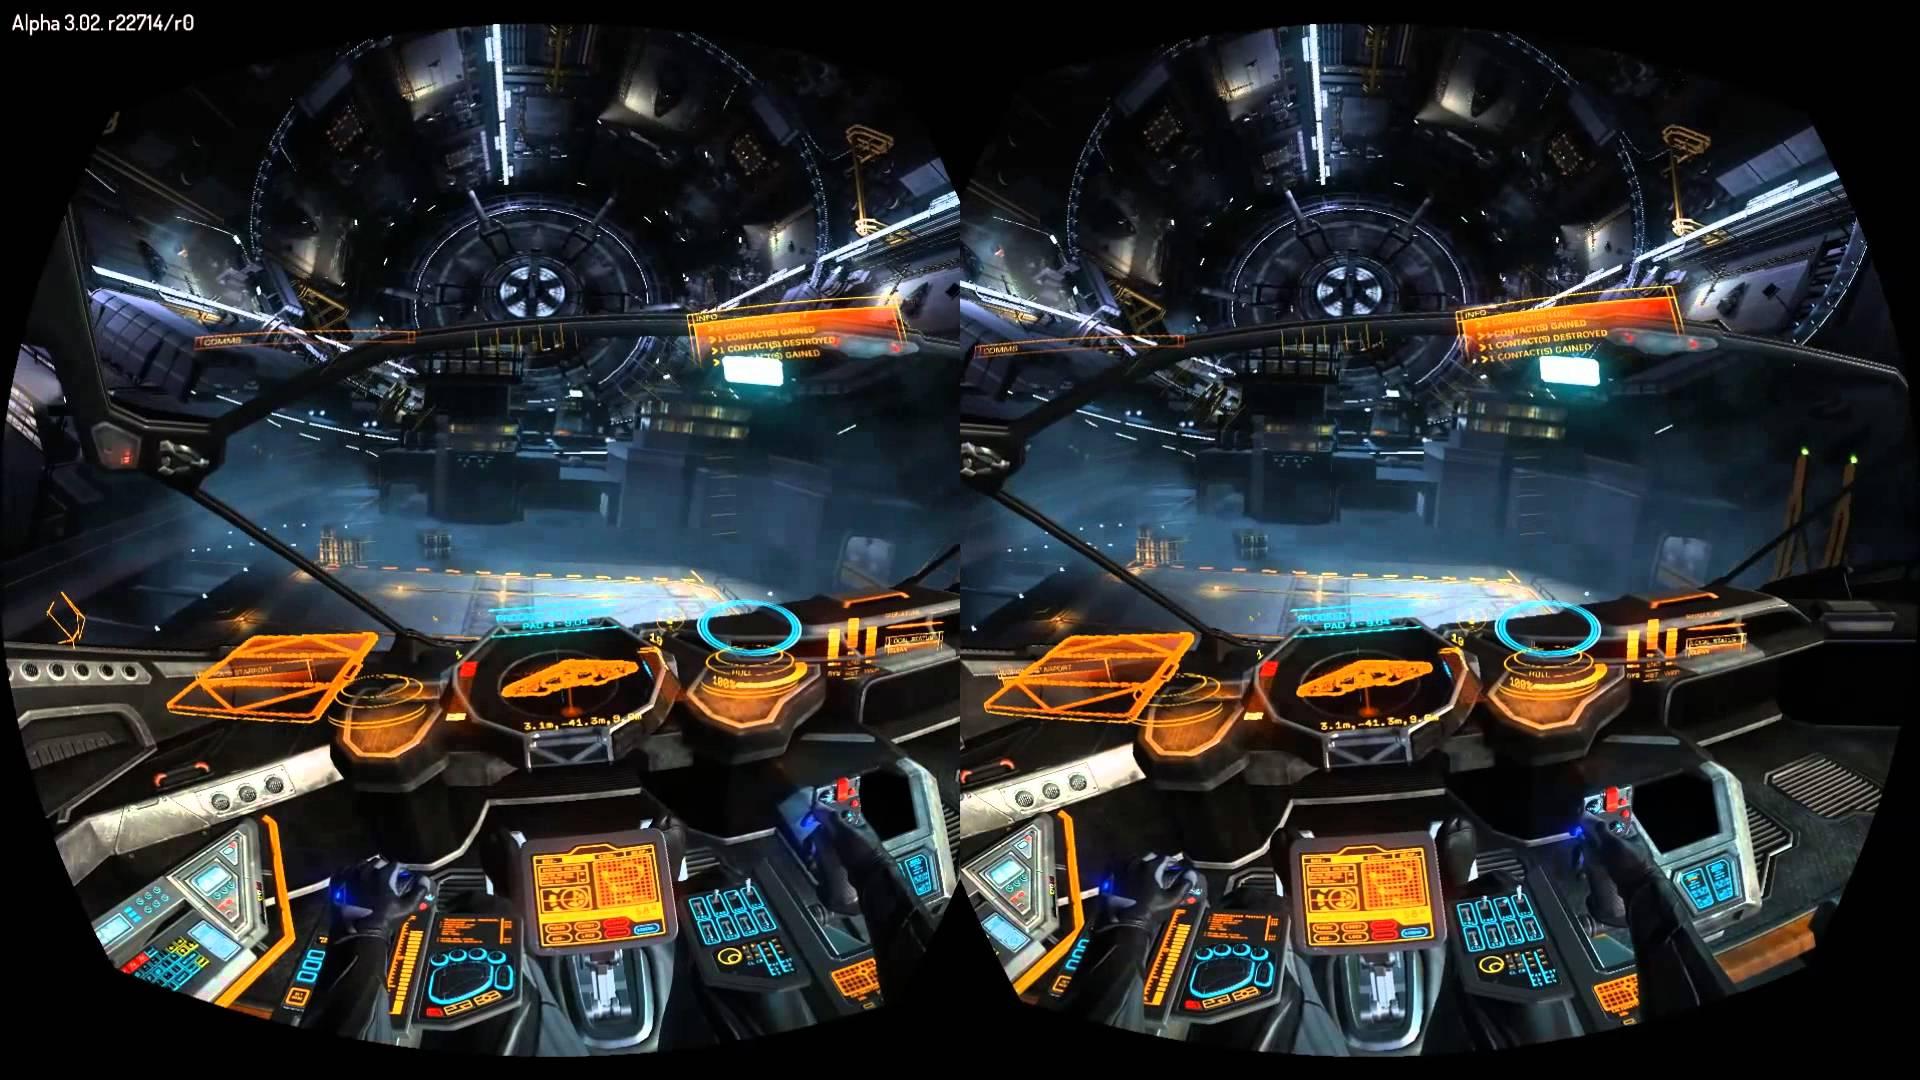 51 Best Oculus Rift games as of 2019 - Slant